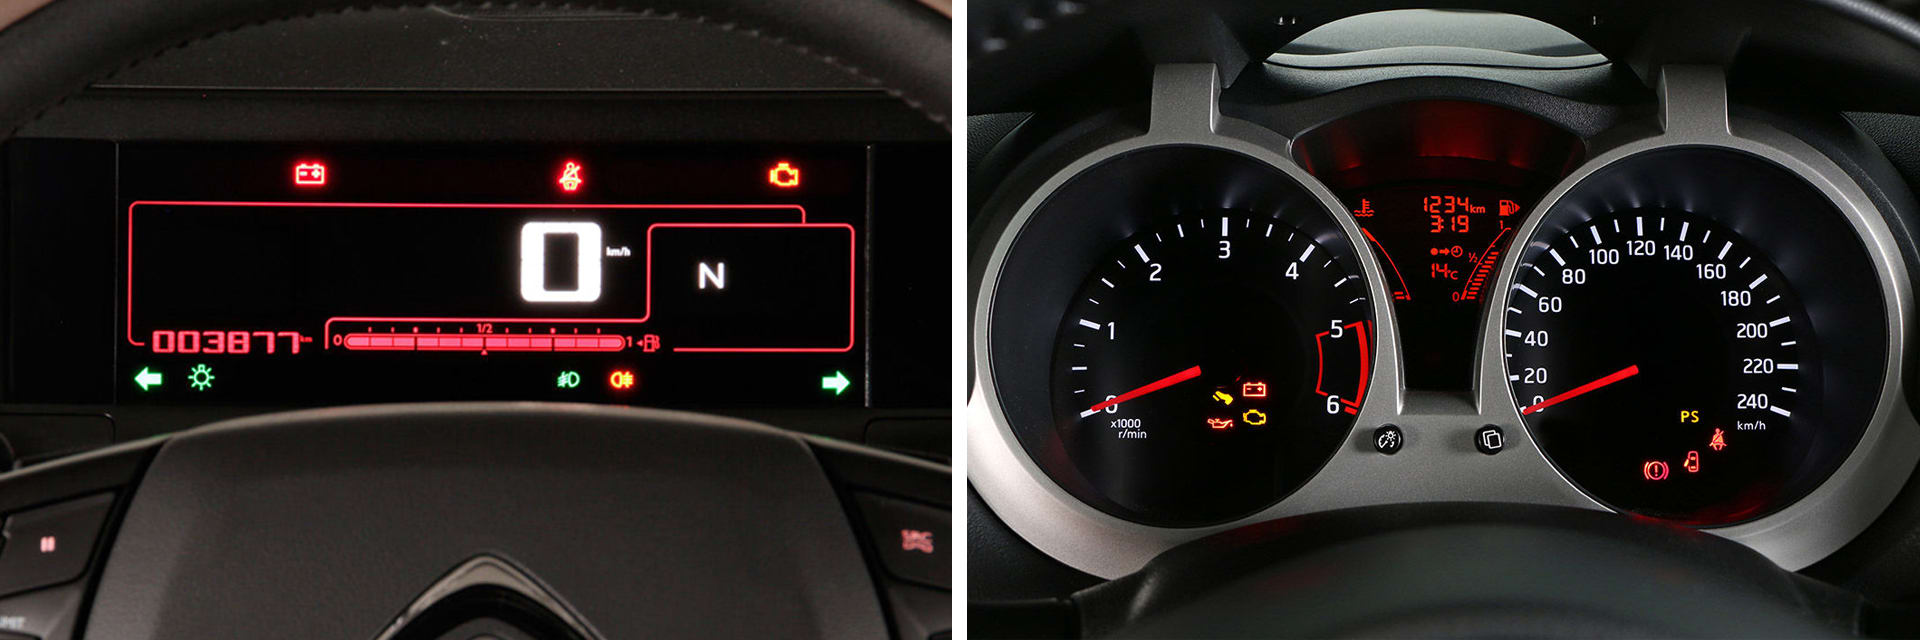 Las fotos del Citroën Captur corresponden al acabado Shine. Las fotos del Nissan Juke corresponden al acabado N-Connecta. Fotos cedidas por KM77.